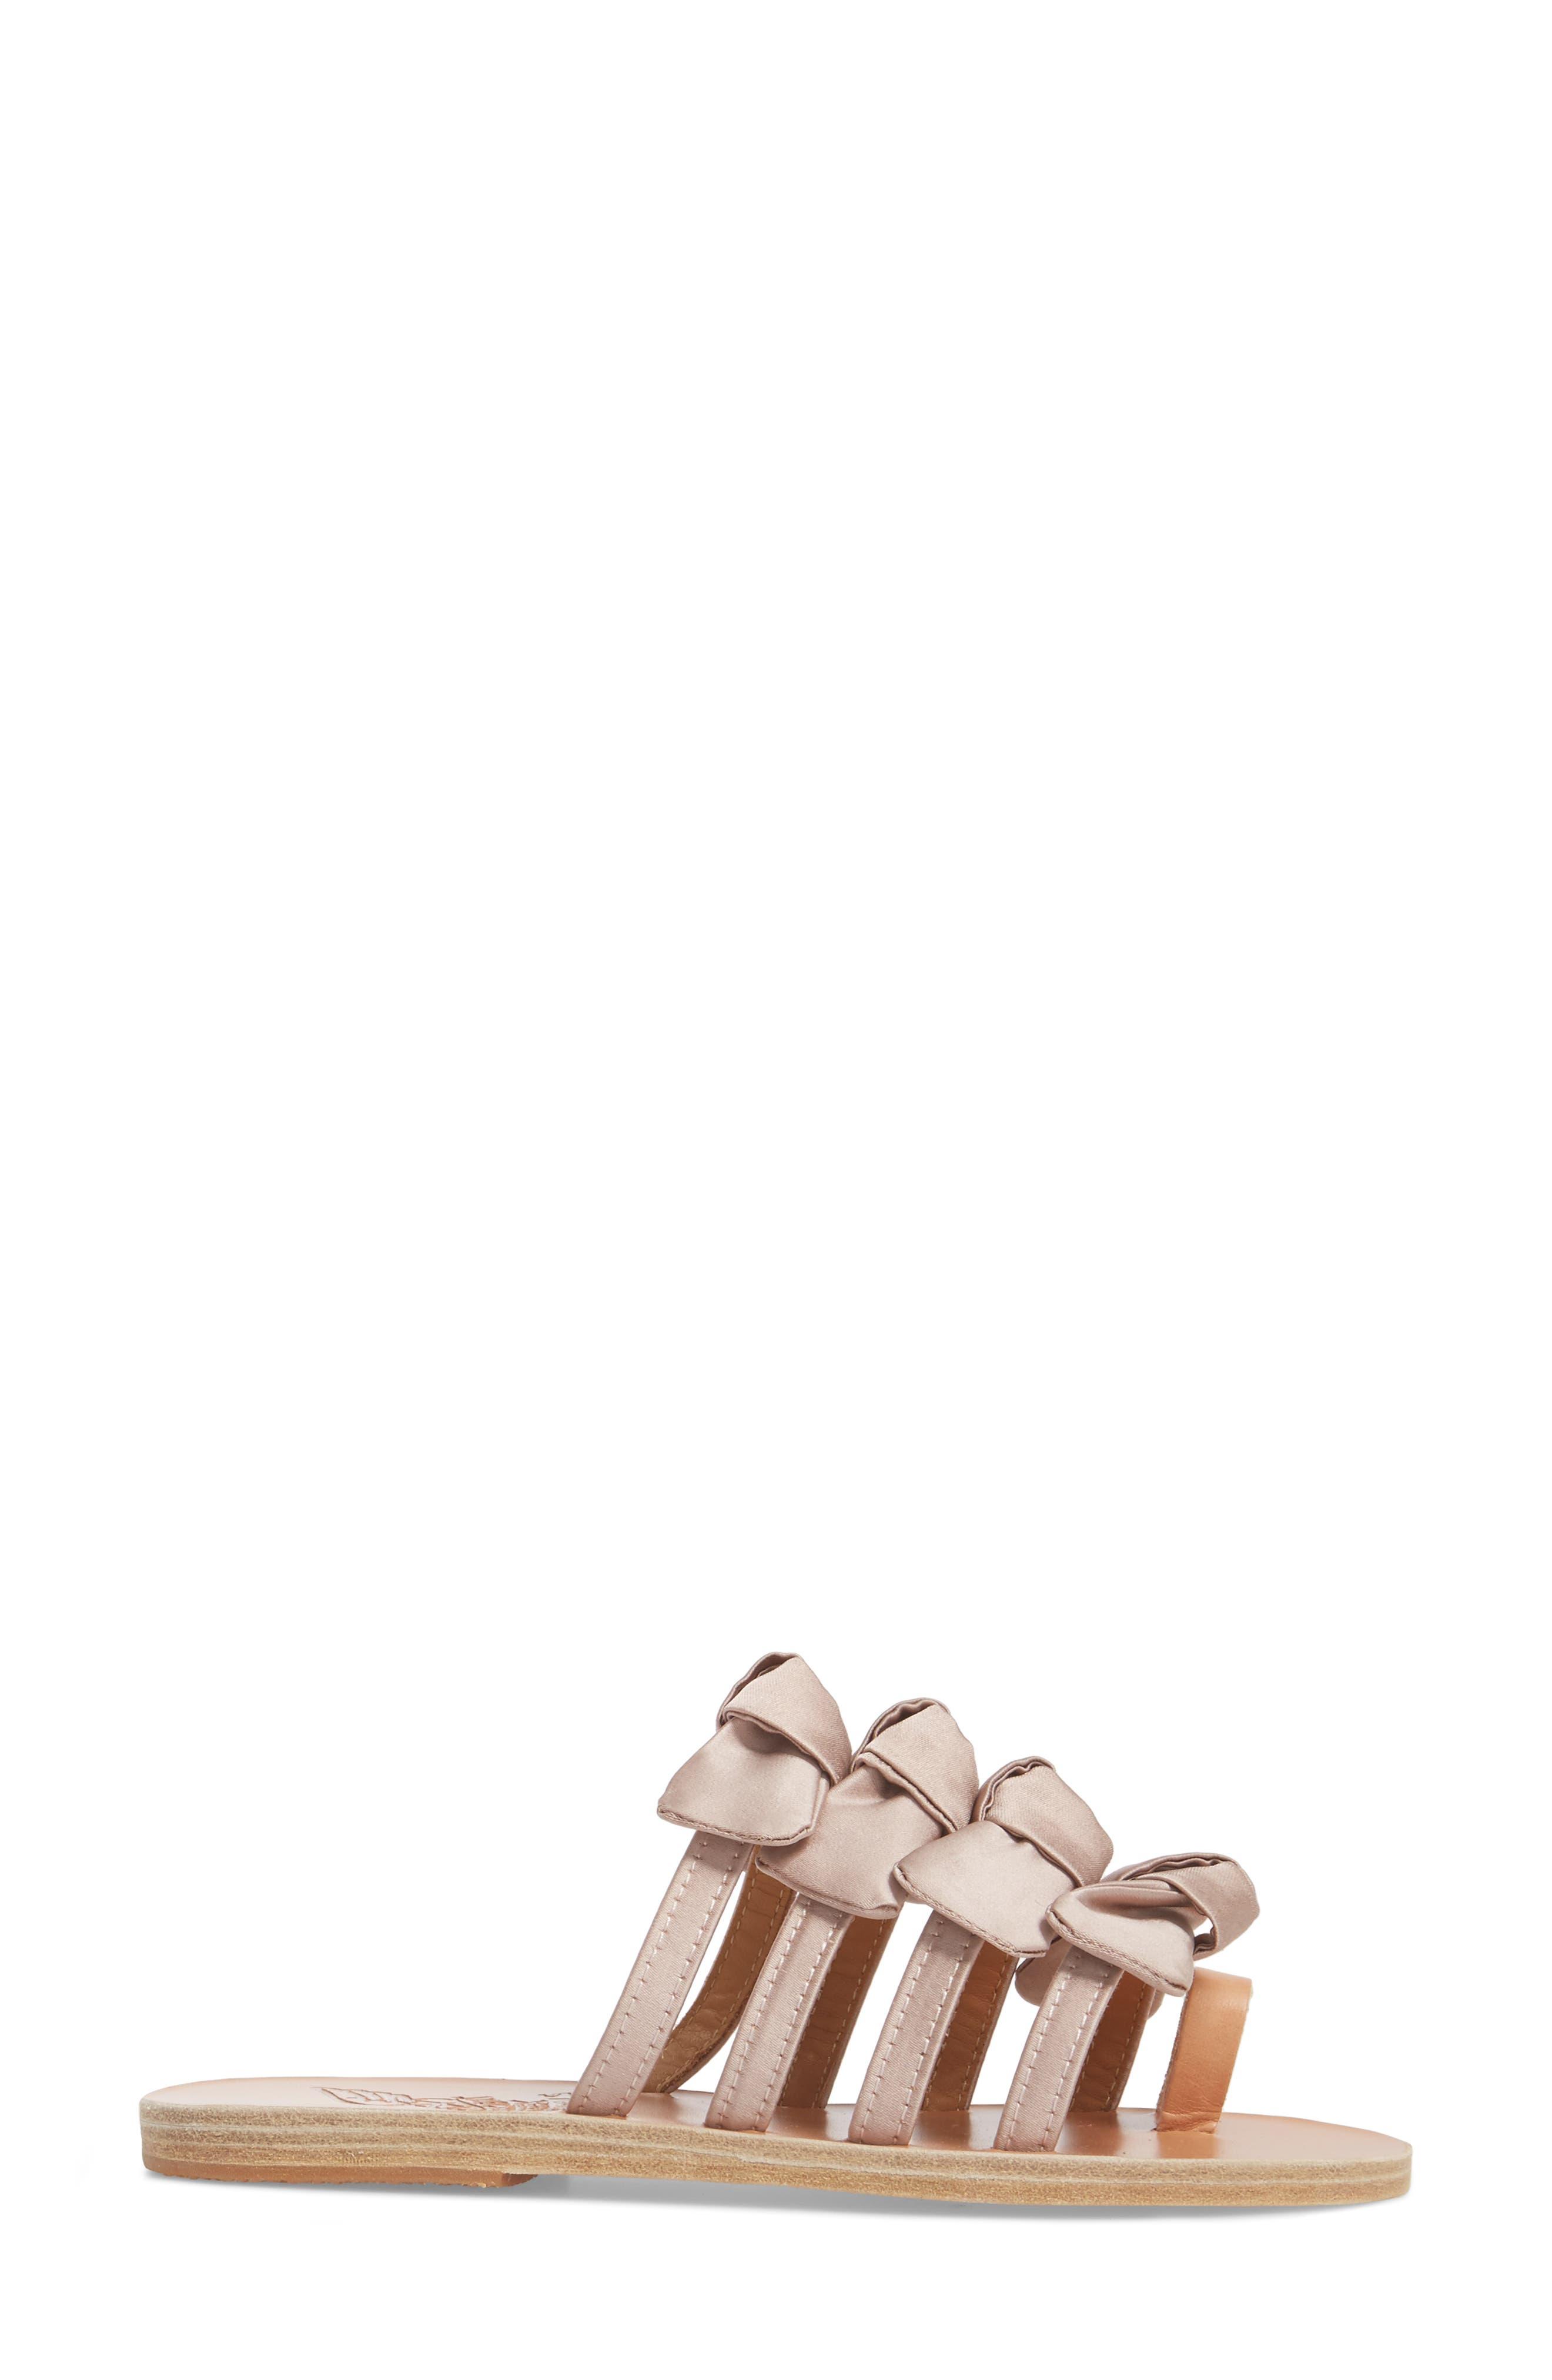 Hara Toe Loop Slide Sandal,                             Alternate thumbnail 3, color,                             Natural/ Lotus